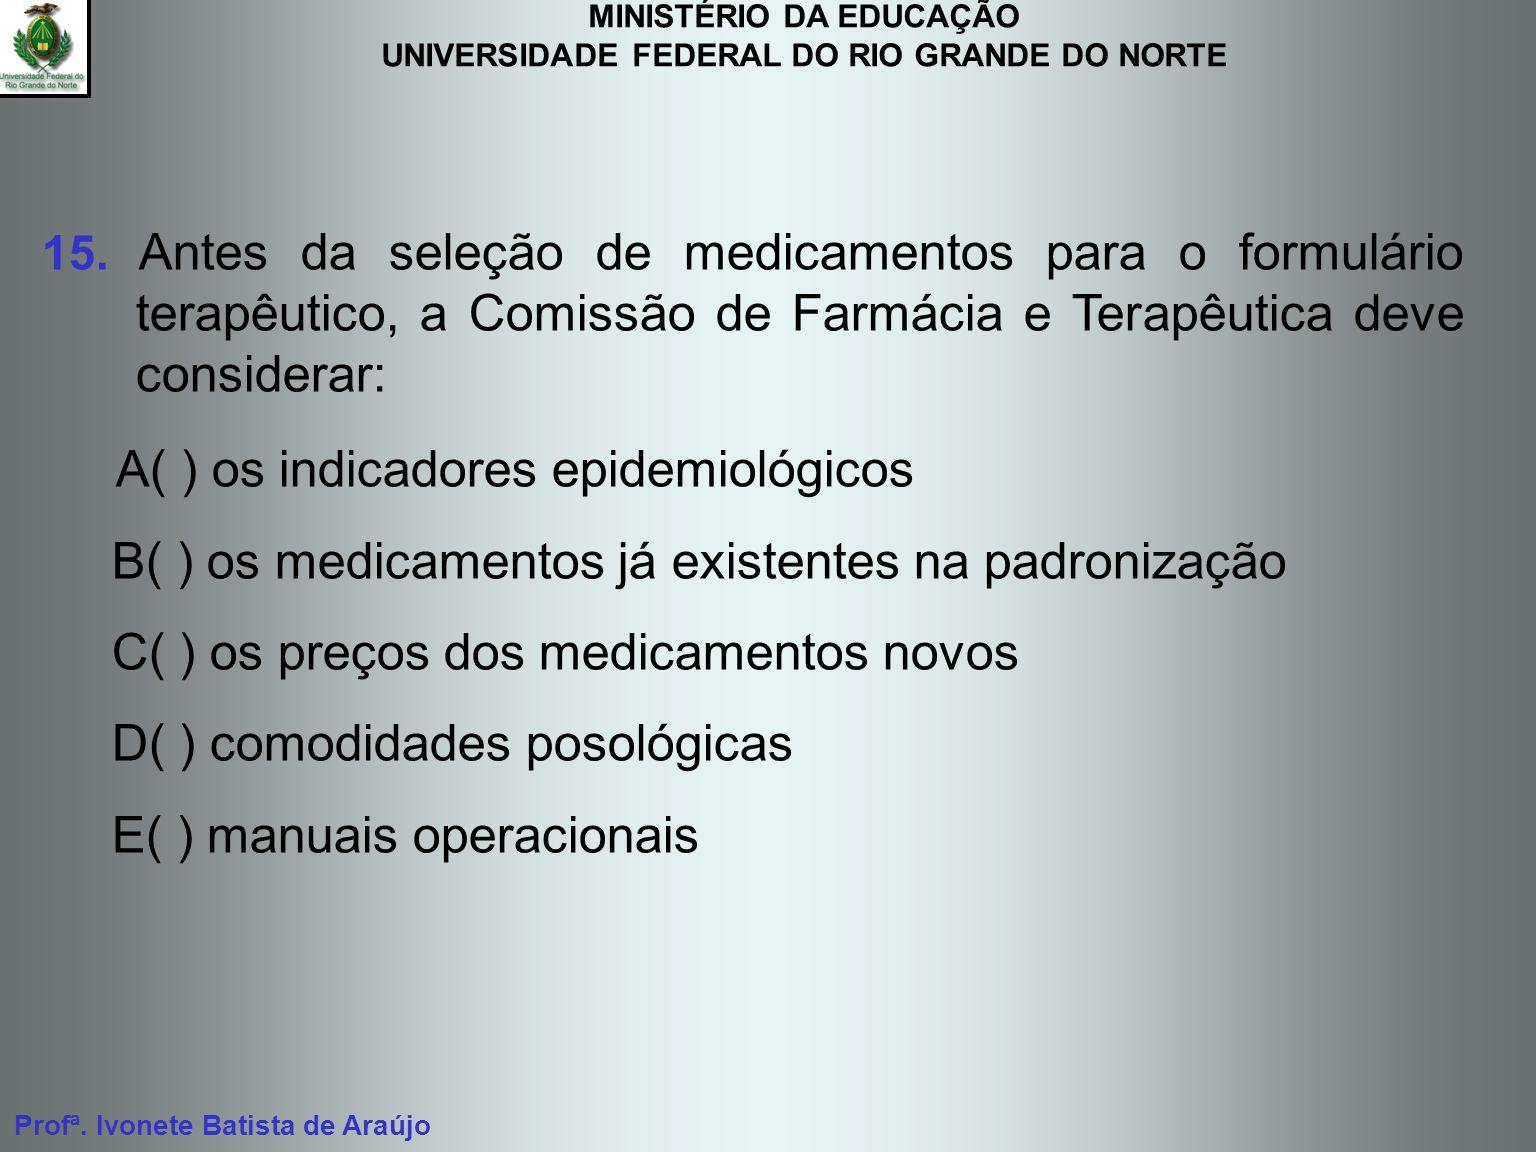 A( ) os indicadores epidemiológicos